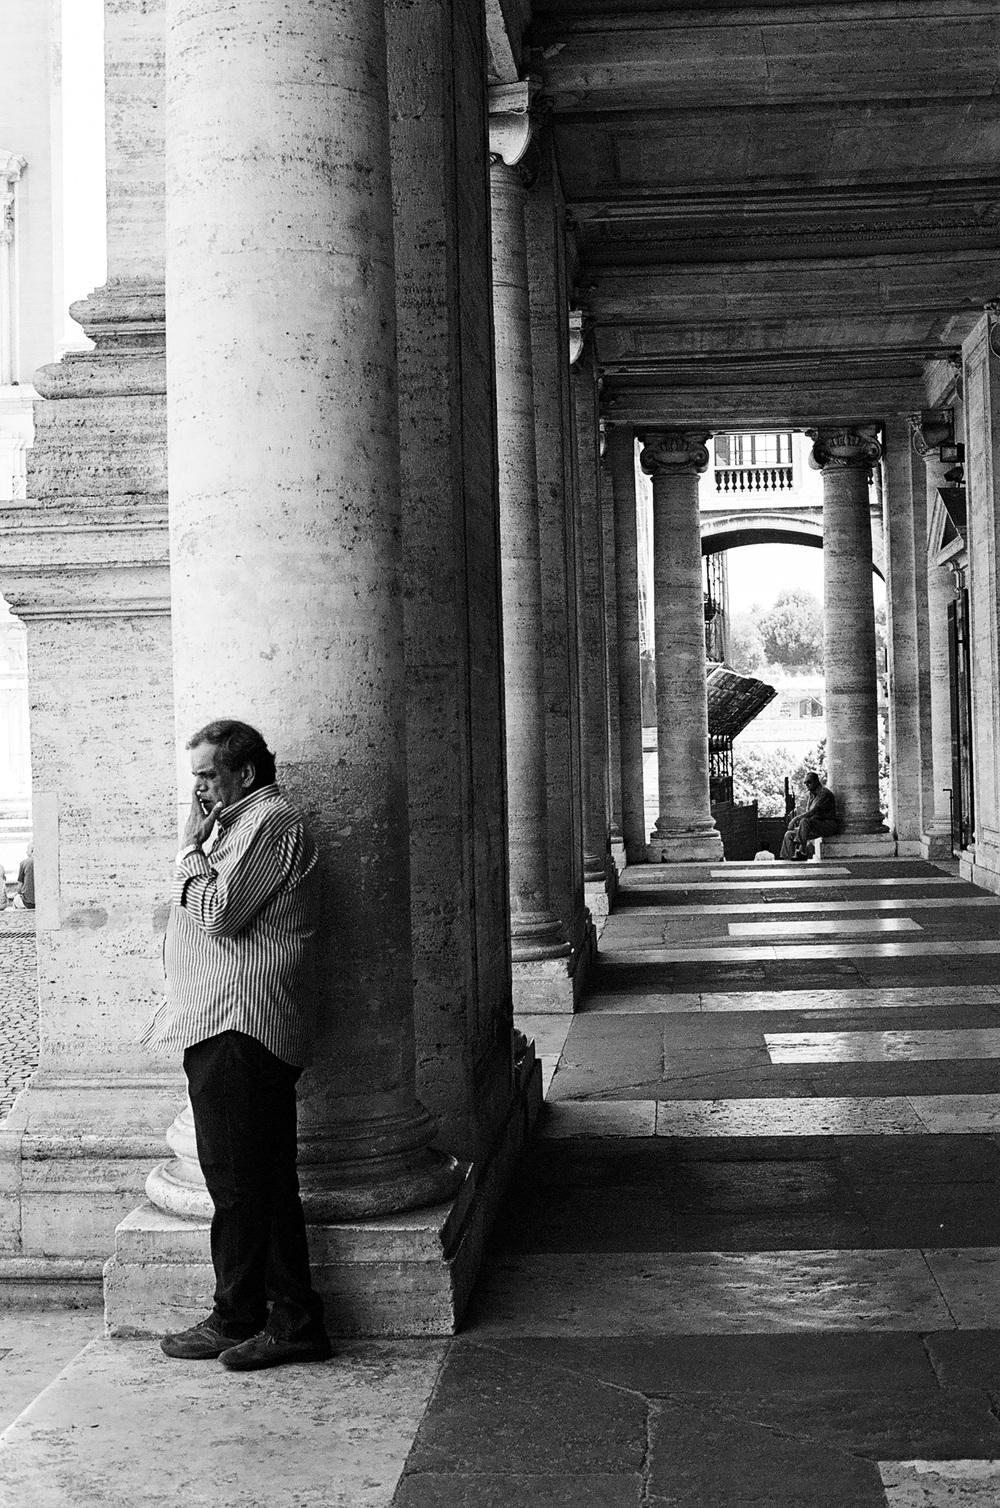 Rome, Italy 35mm